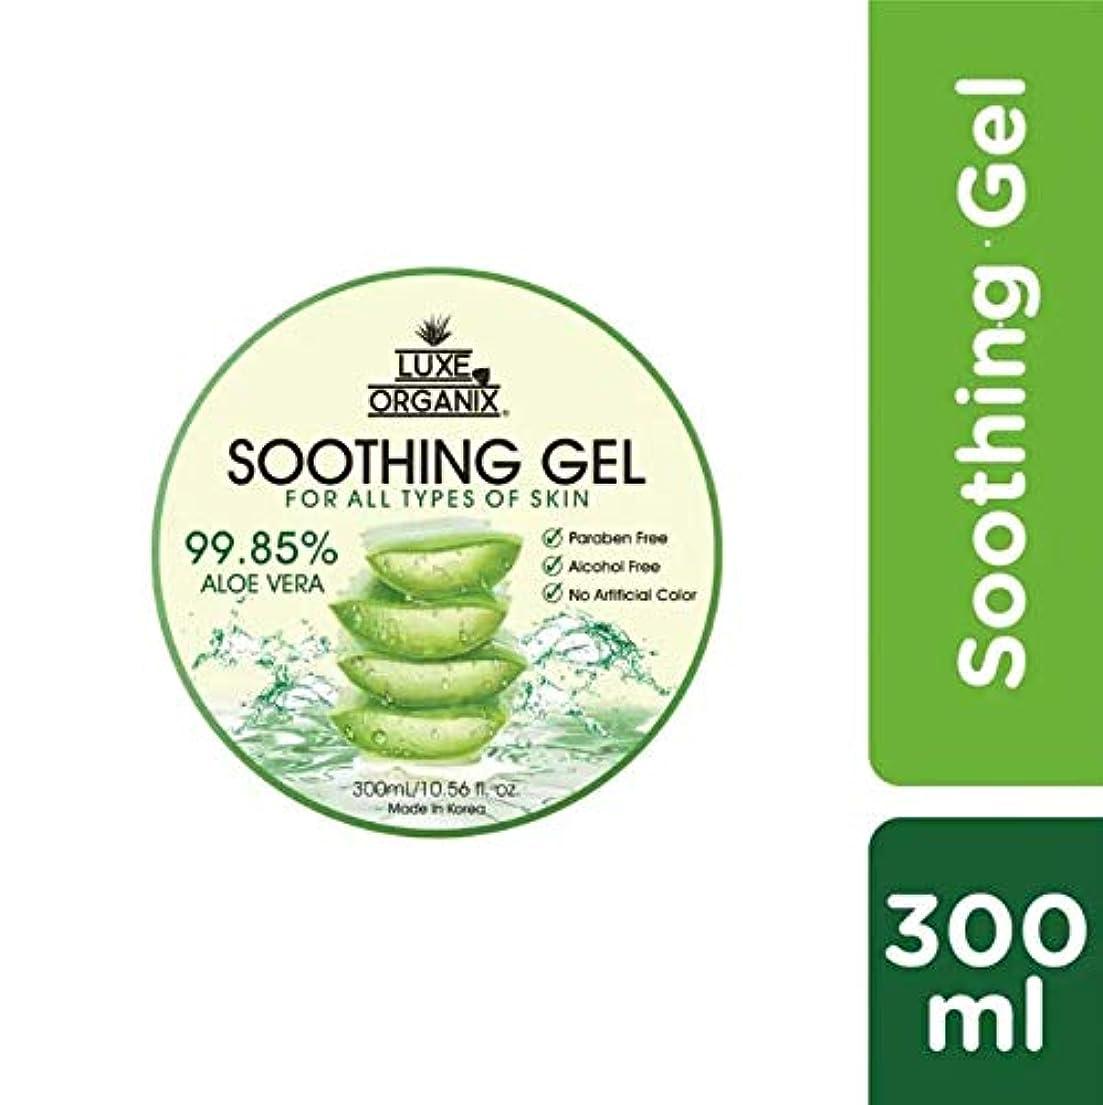 研磨奇跡的なモック100% オーガニック アロエ ジェル 300ml / Luxe Organix Alovera Soothing Aloe Gel 300ml